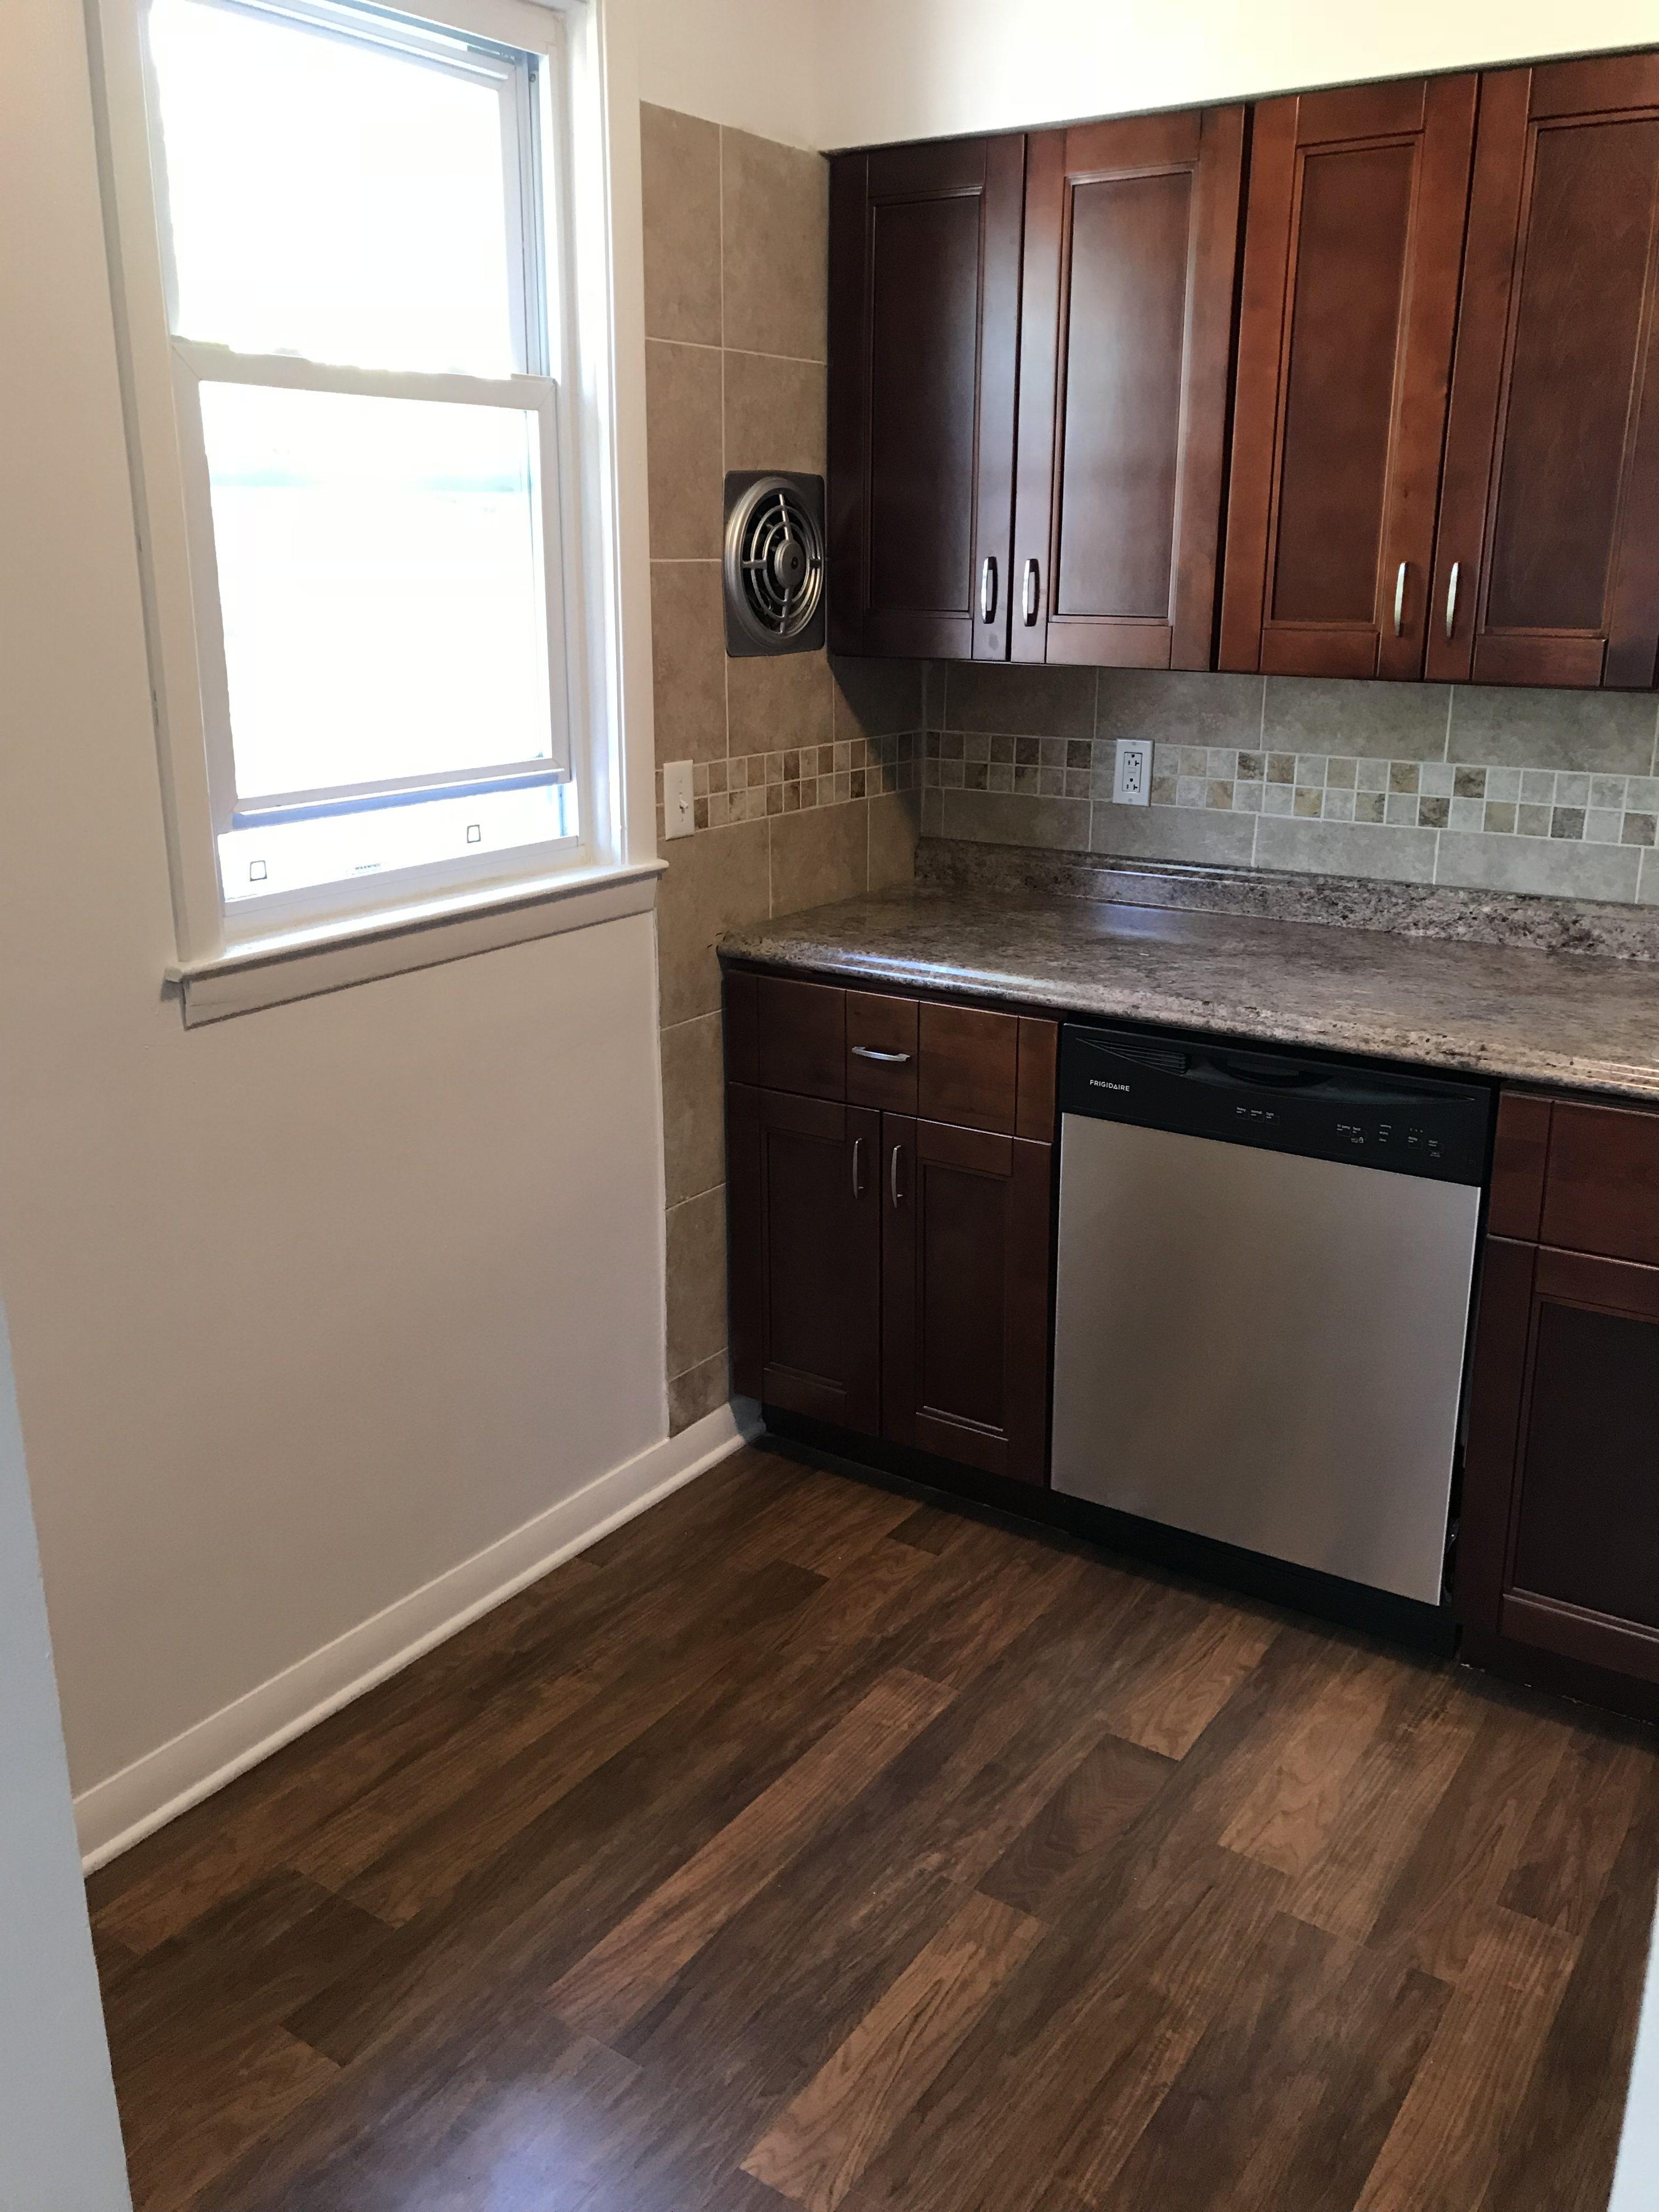 251 Blanchard kitchen